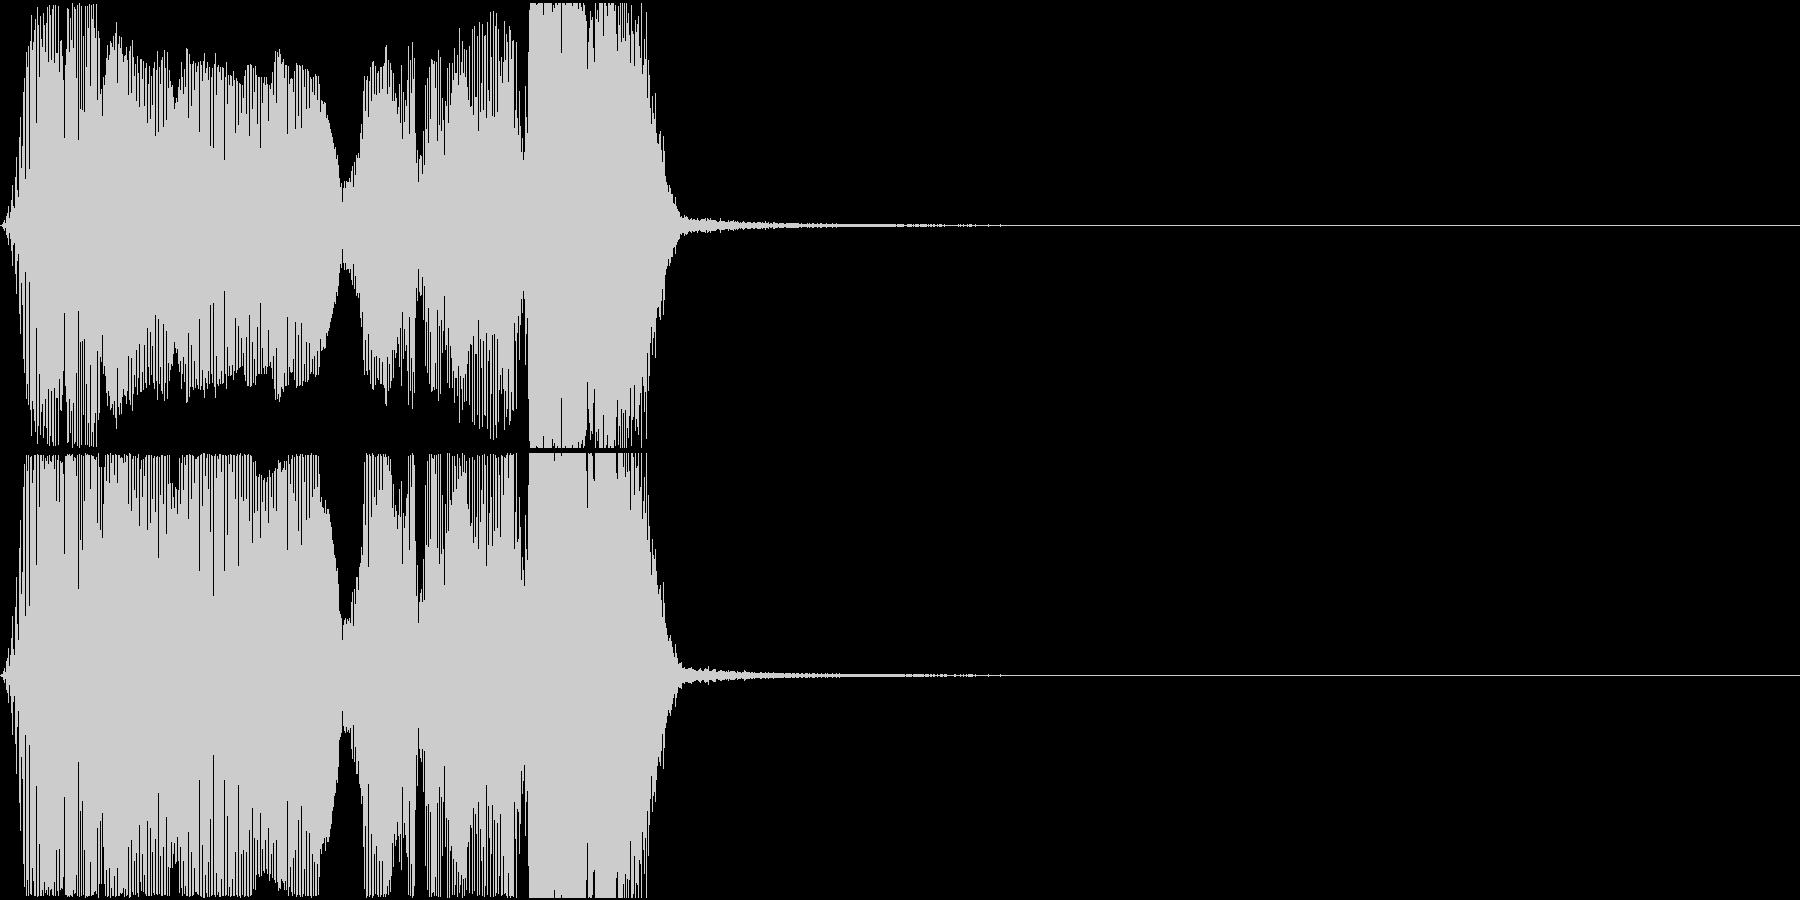 「マーベラス」アプリ・ゲーム用の未再生の波形